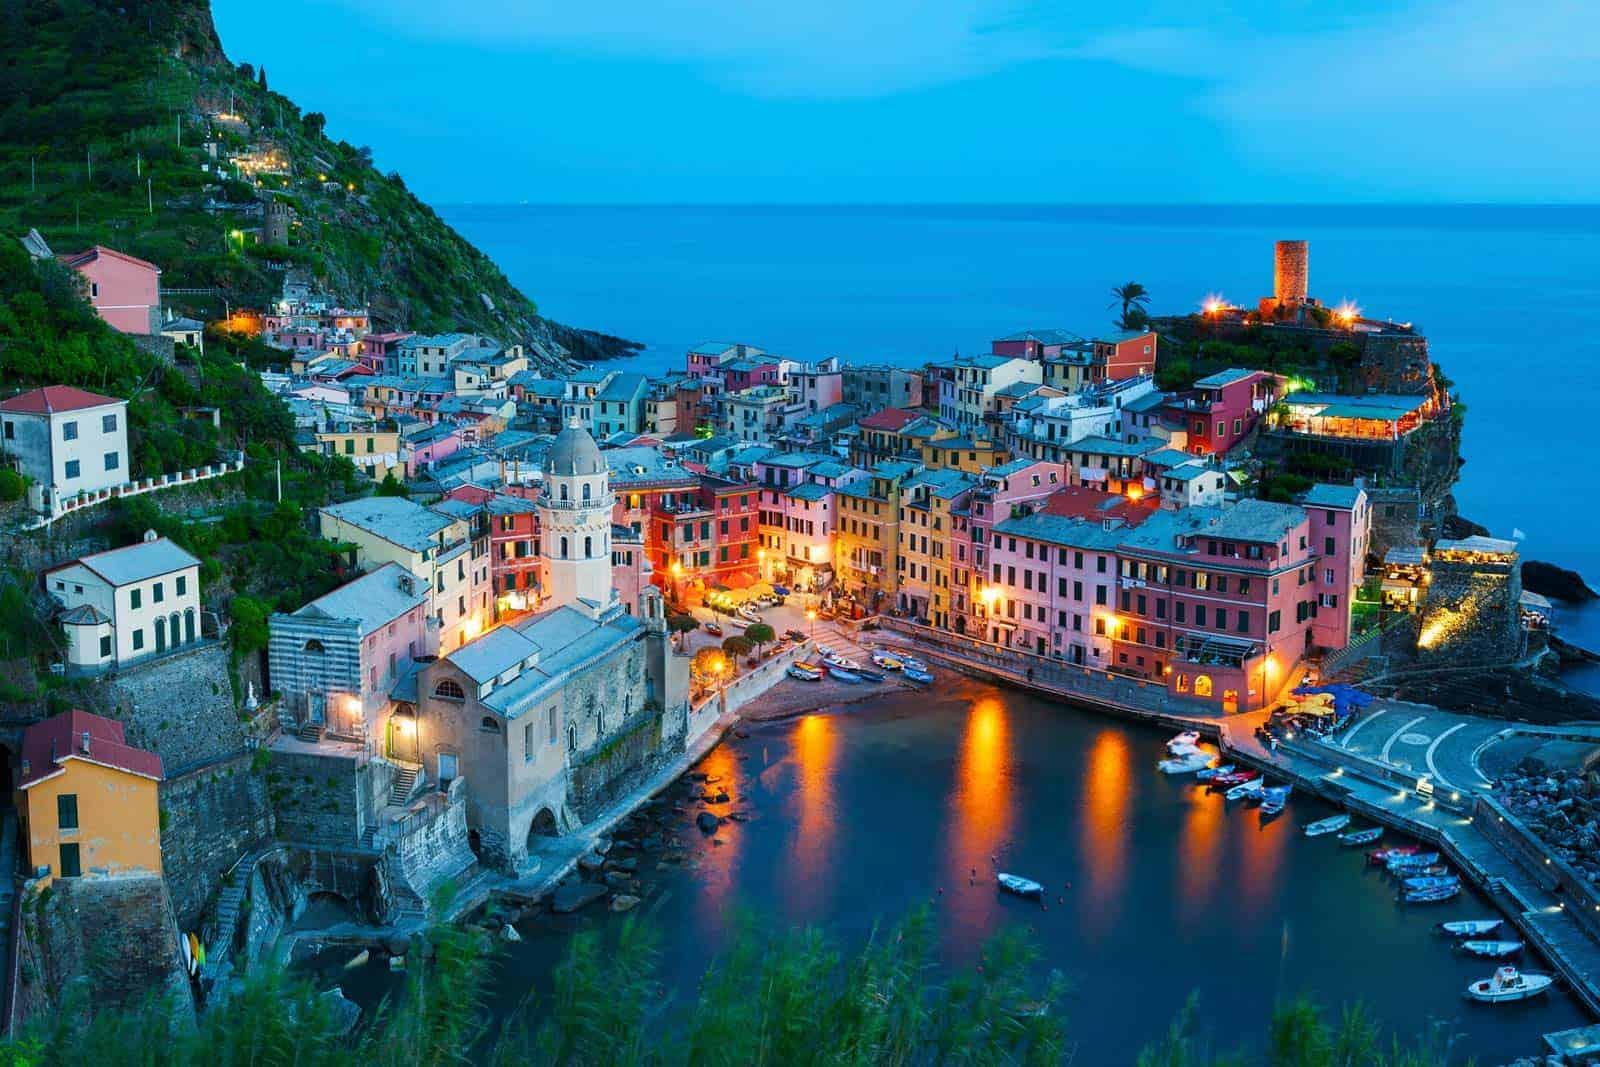 Vernazza (Ligurija), Italija